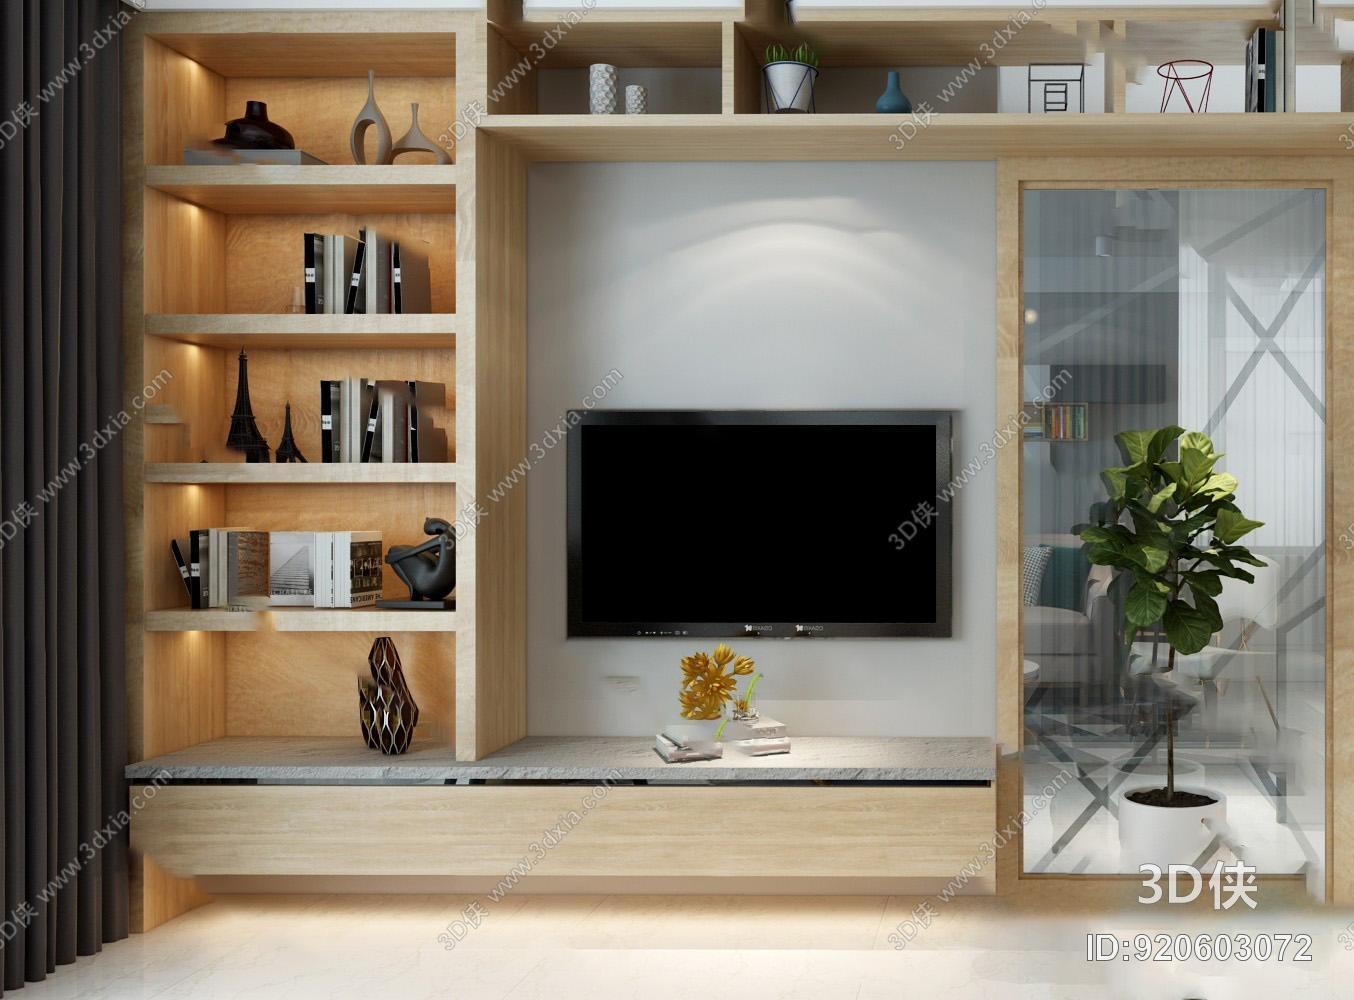 电视柜效果图素材免费下载,本作品主题是电视柜3d模型,编号是